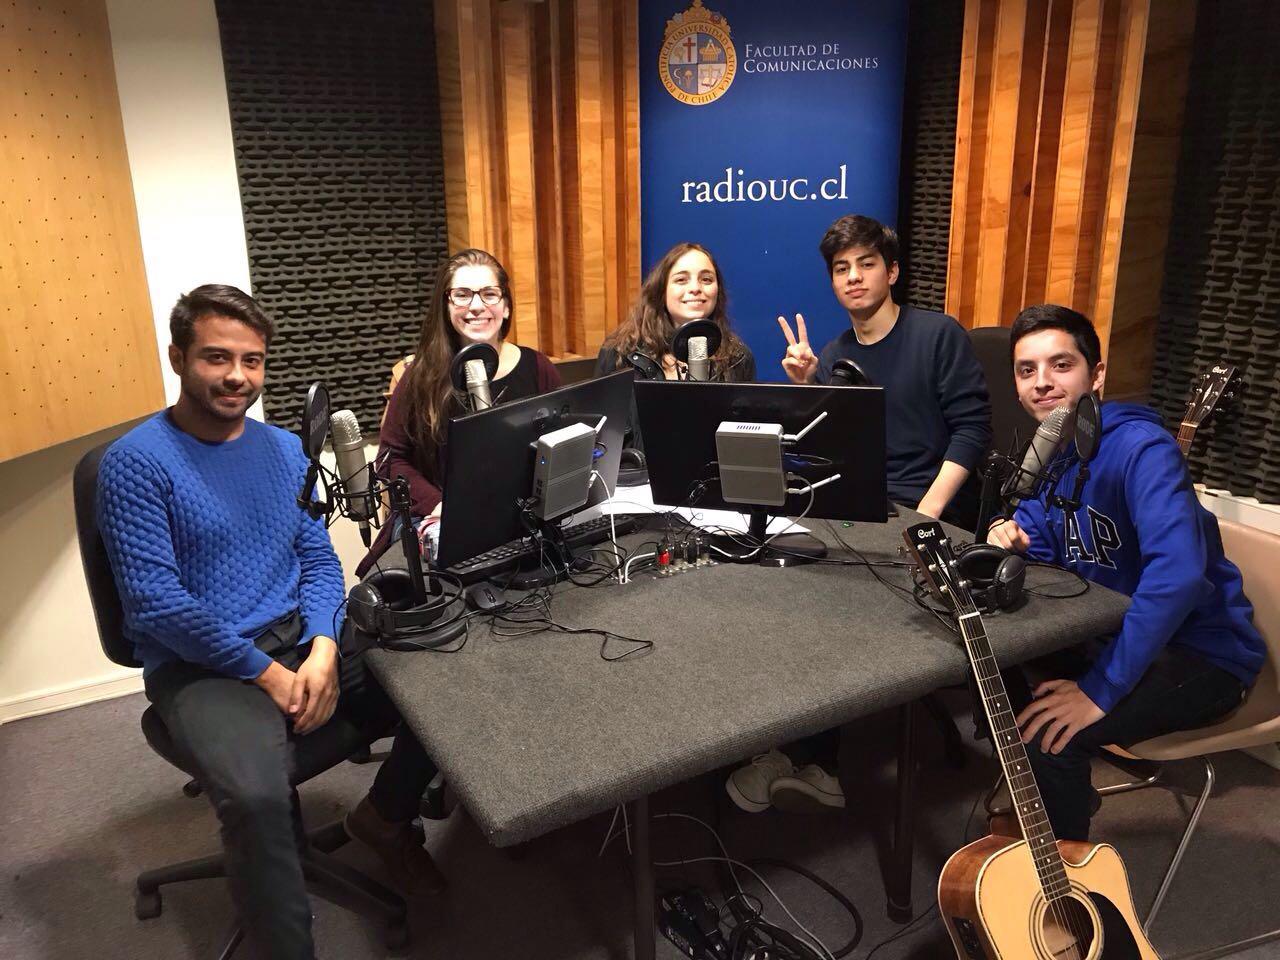 Nuevo programa en Radio UC: Los Emergentes, con lo mejor de lo nuevo